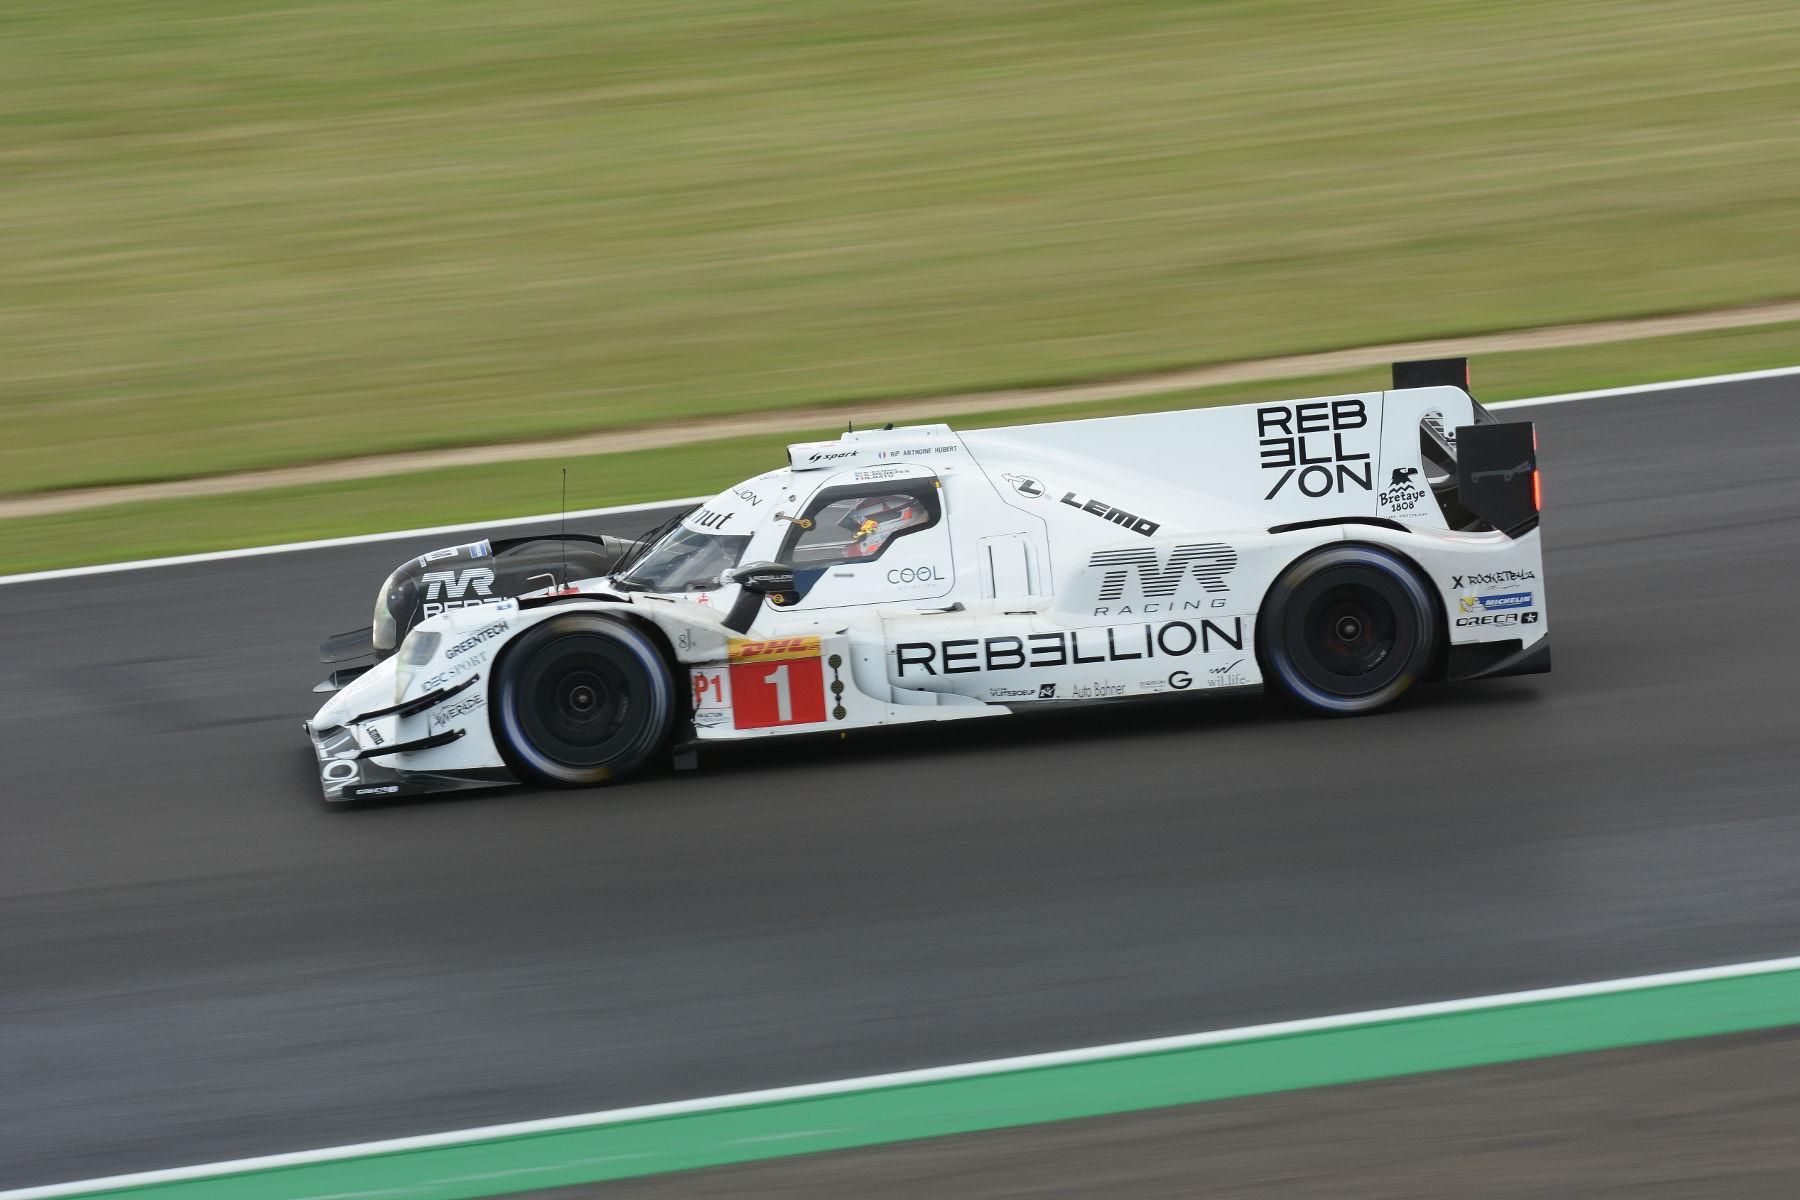 WEC Silverstone 2019 - Rebellion R13-Gibson - Team Rebellion